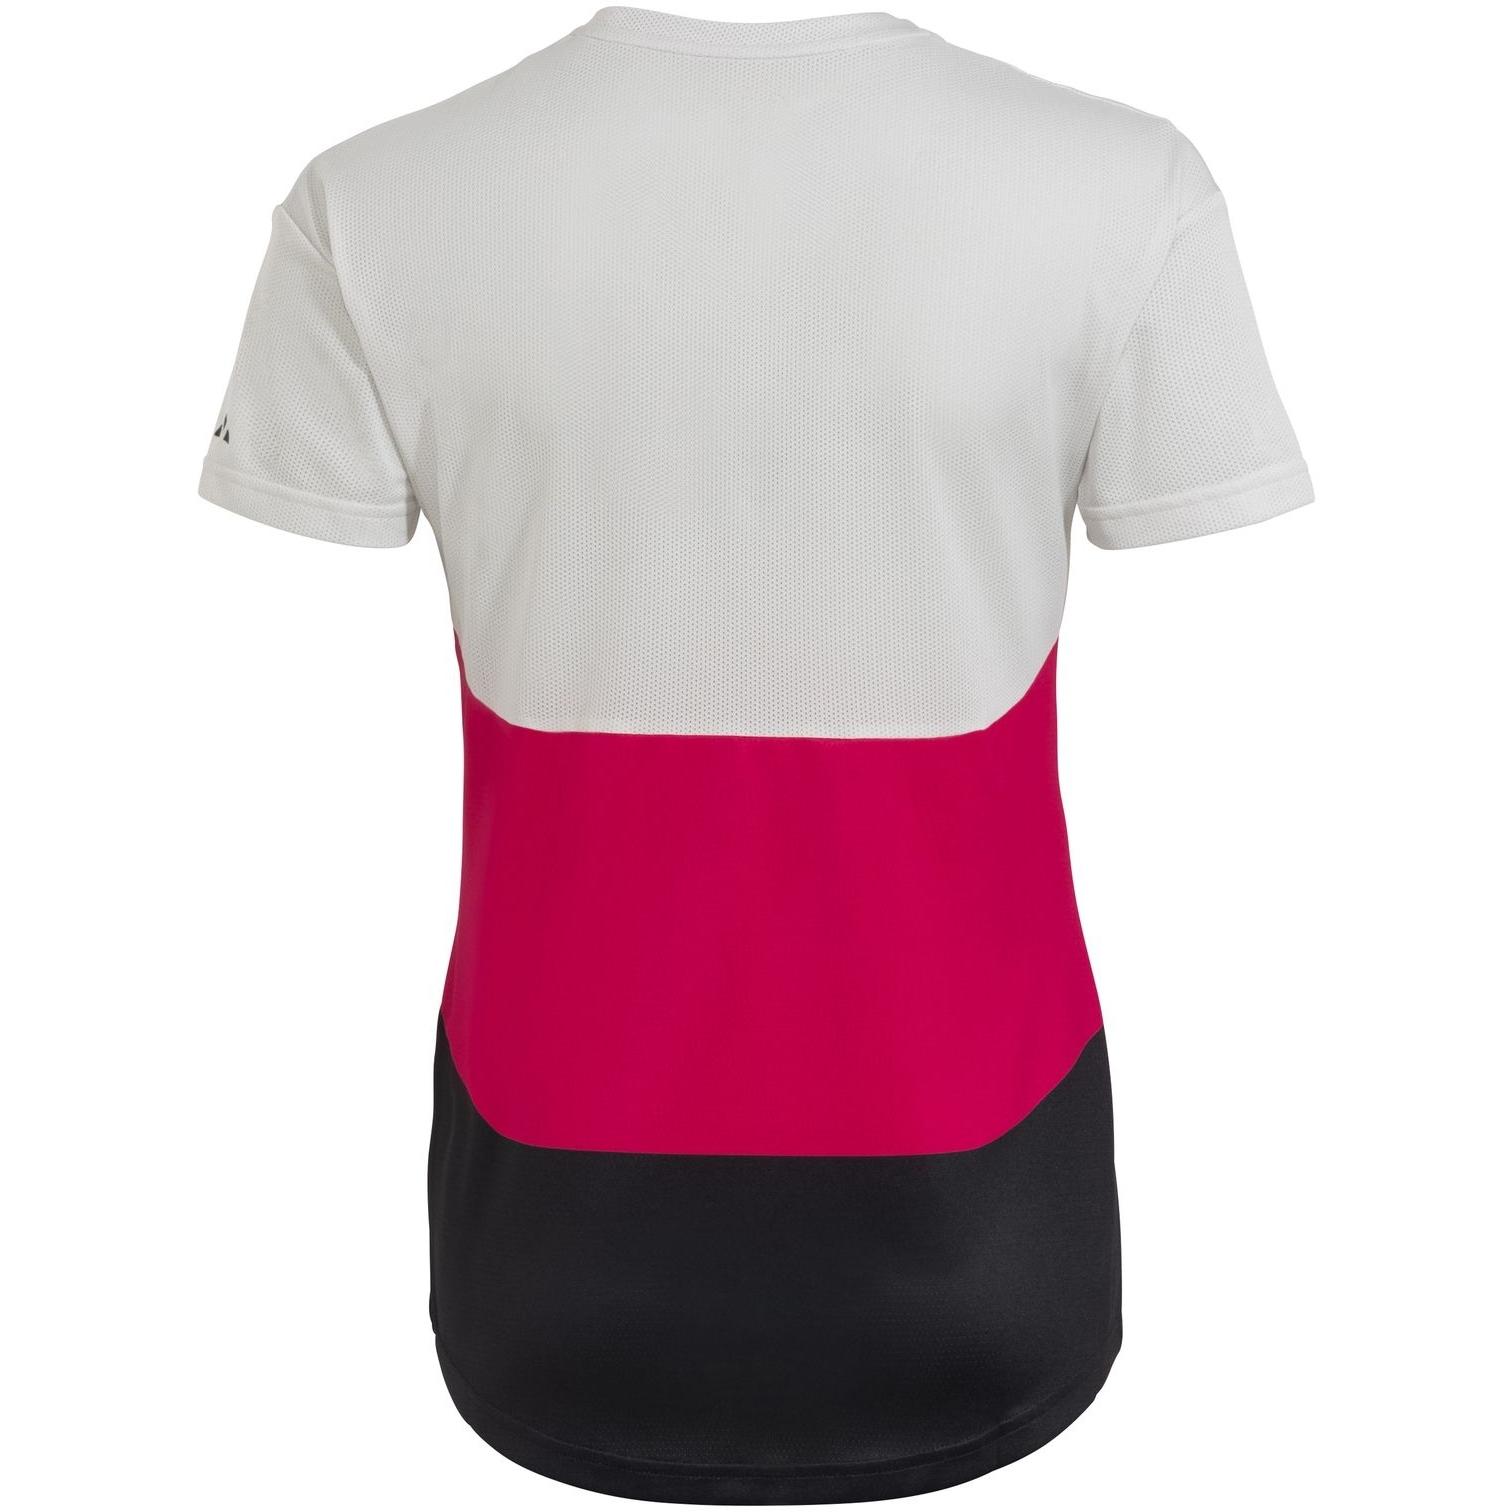 Bild von Vaude Moab VI Damen T-Shirt MTB - bramble